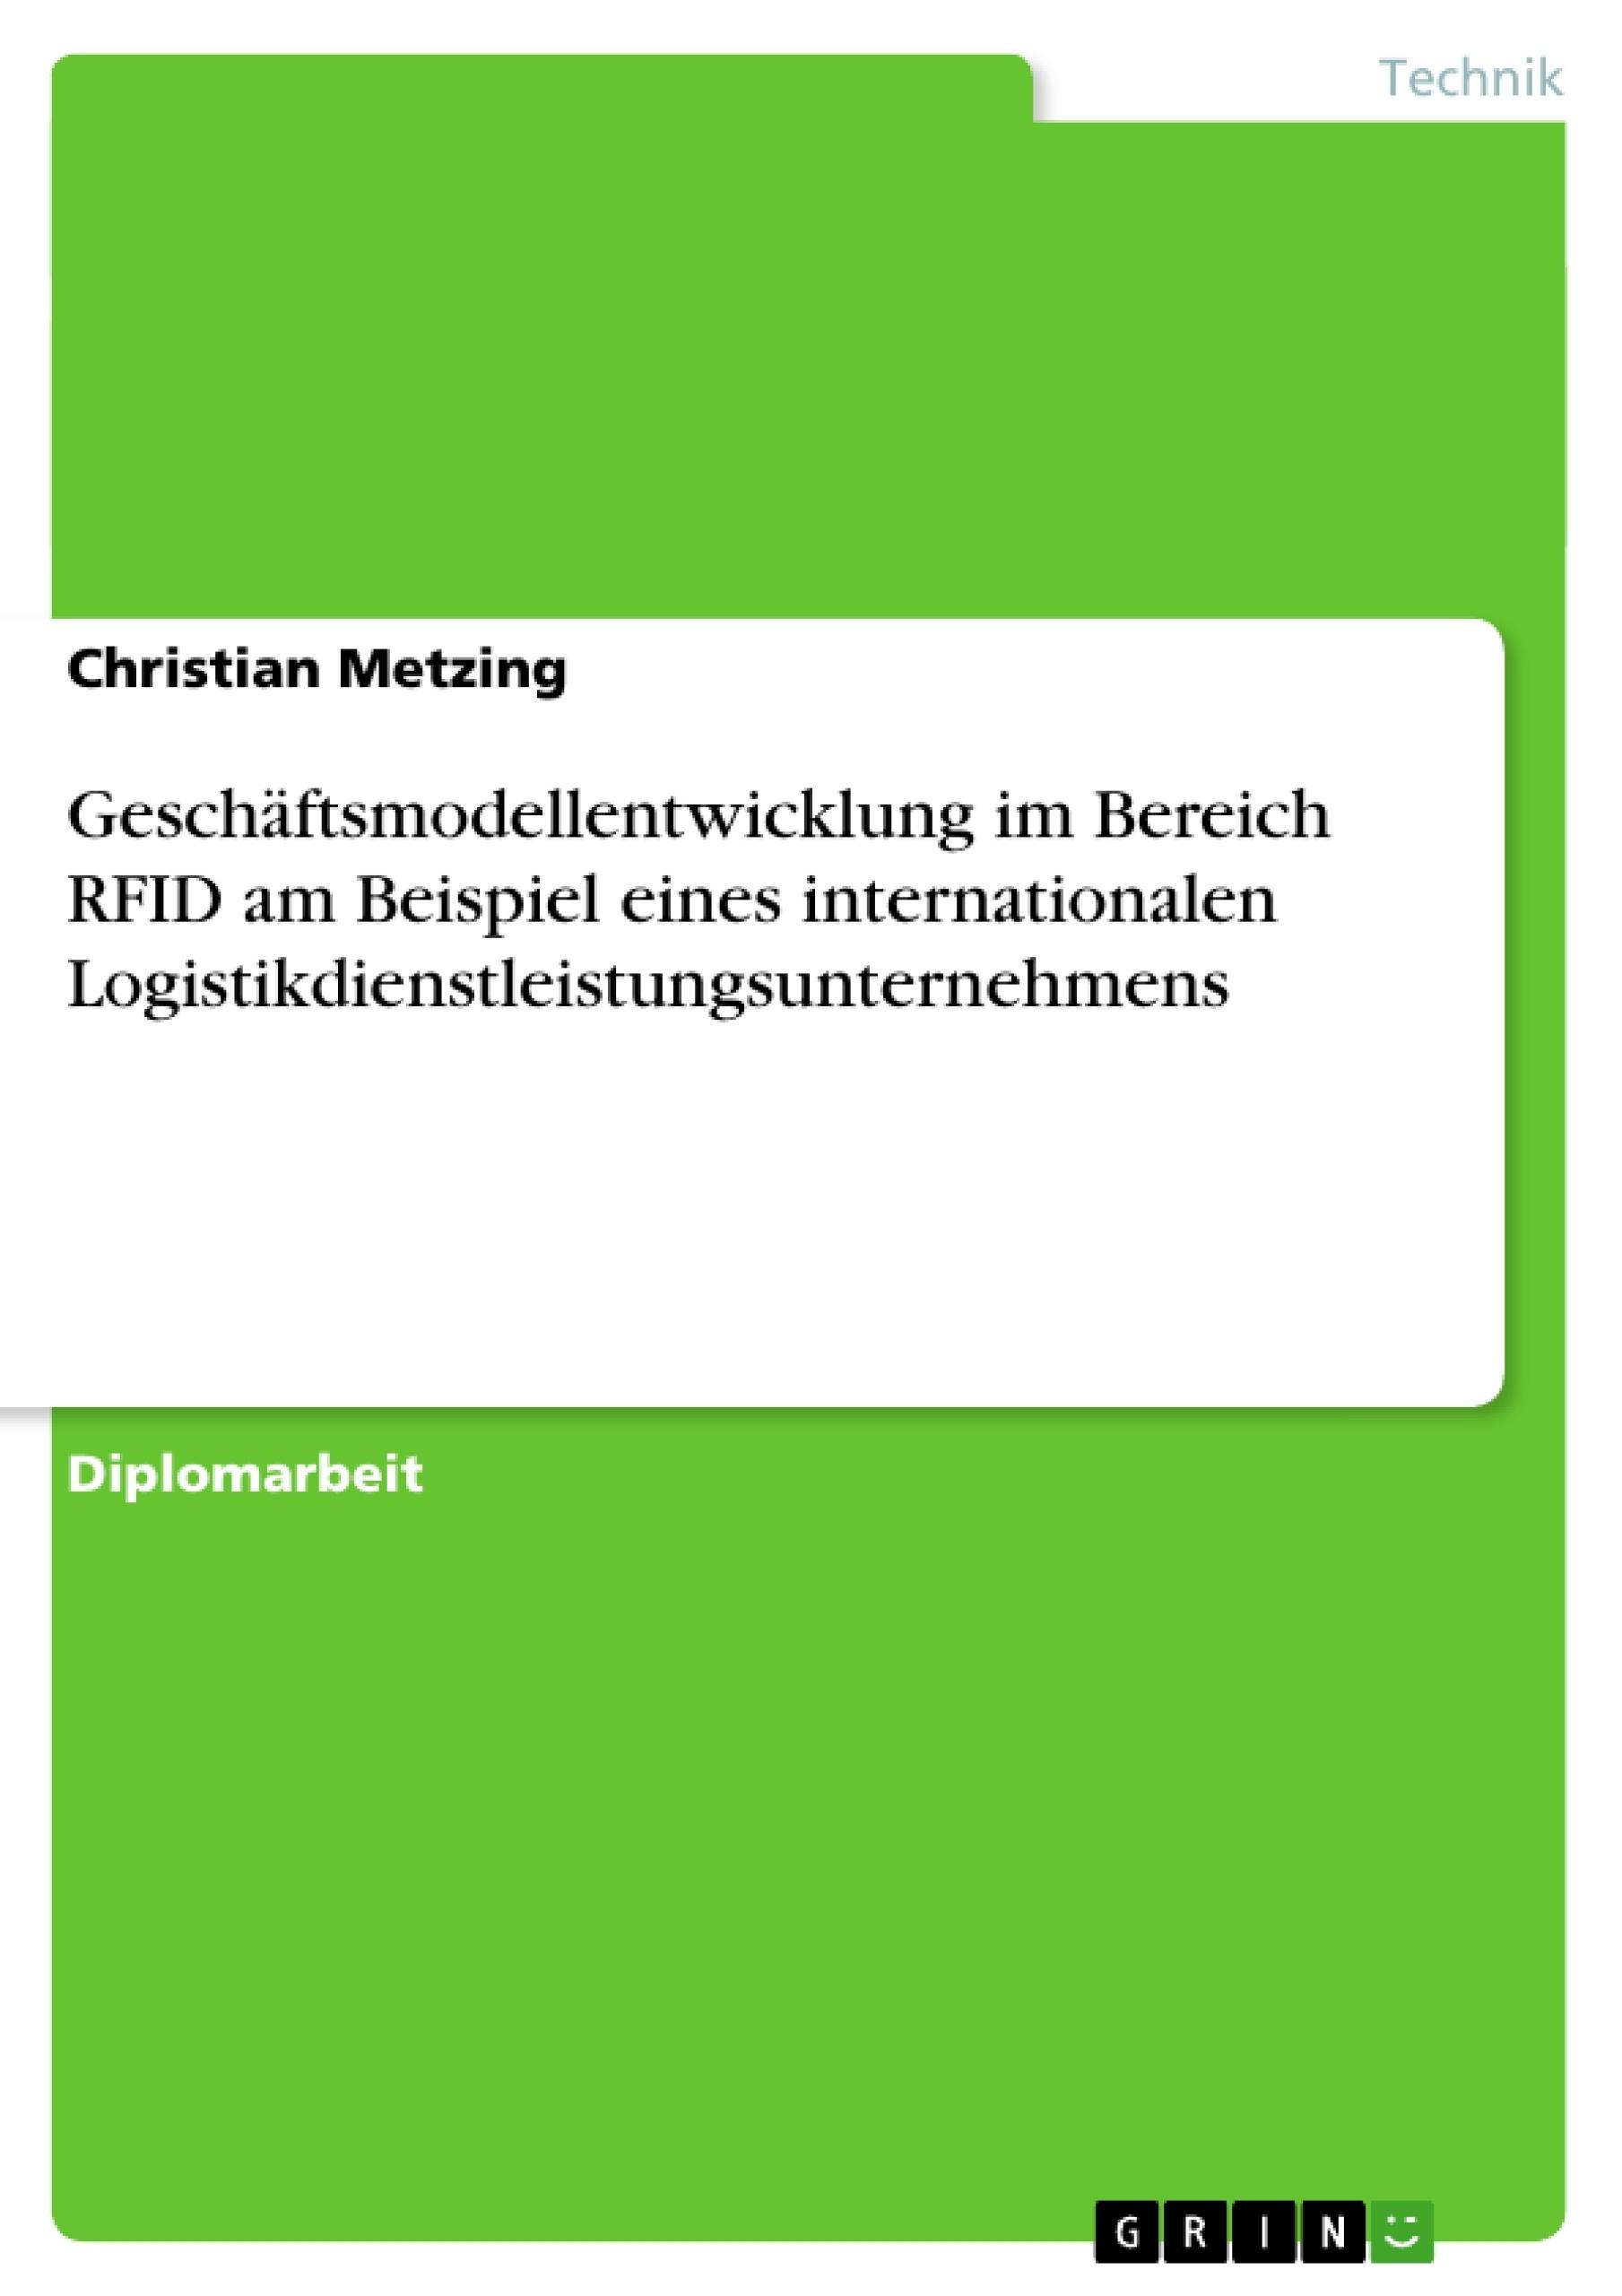 Titel: Geschäftsmodellentwicklung im Bereich RFID am Beispiel eines internationalen Logistikdienstleistungsunternehmens